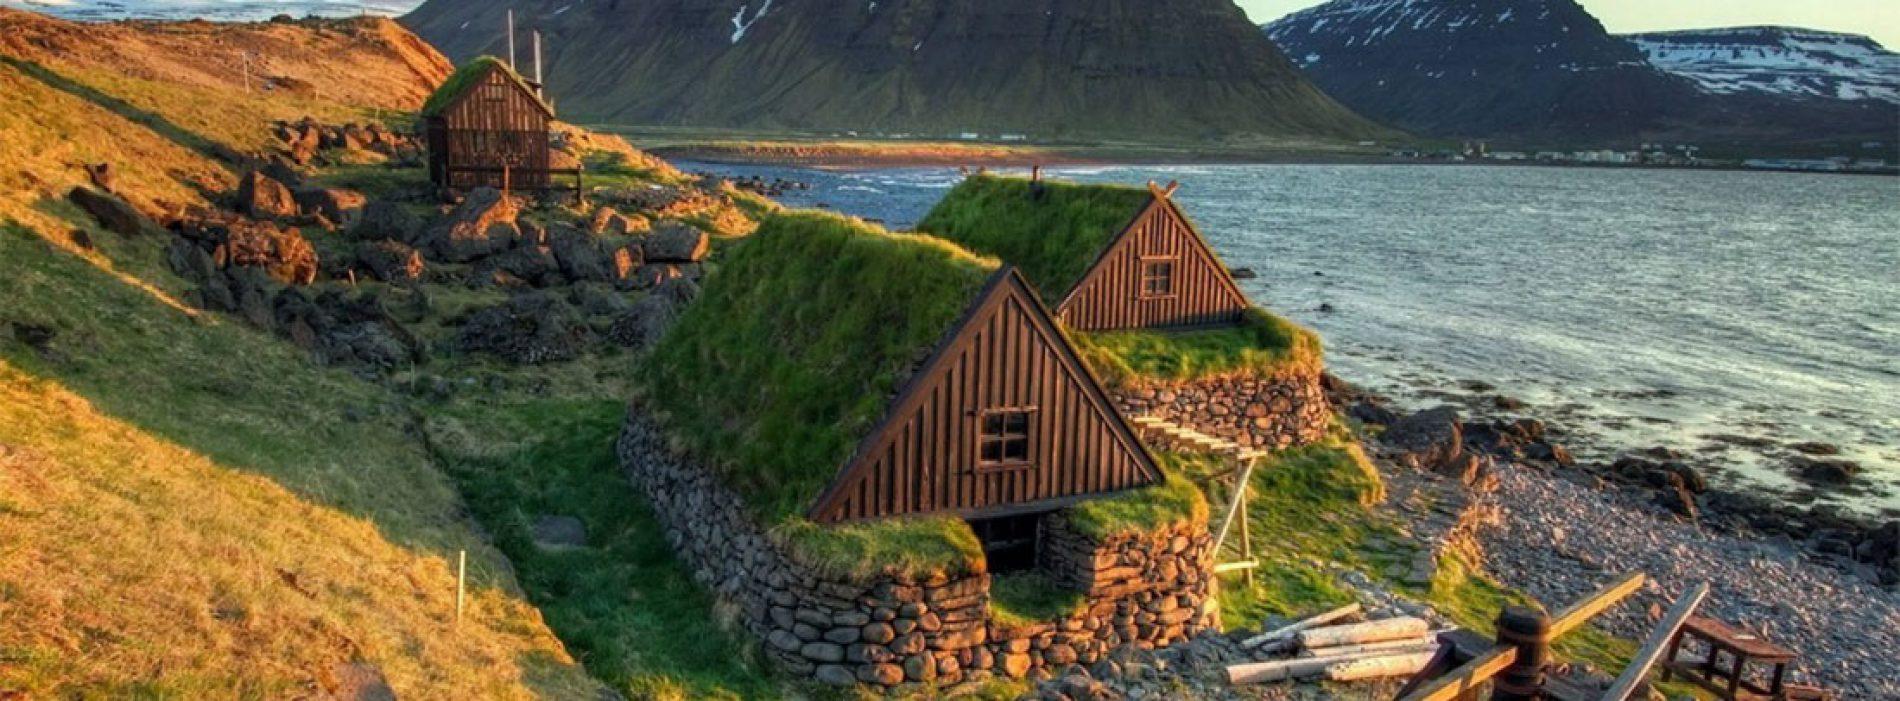 Le Turf Houses: un sistema di bioedilizia perfetto per resistere ai climi rigidi islandesi